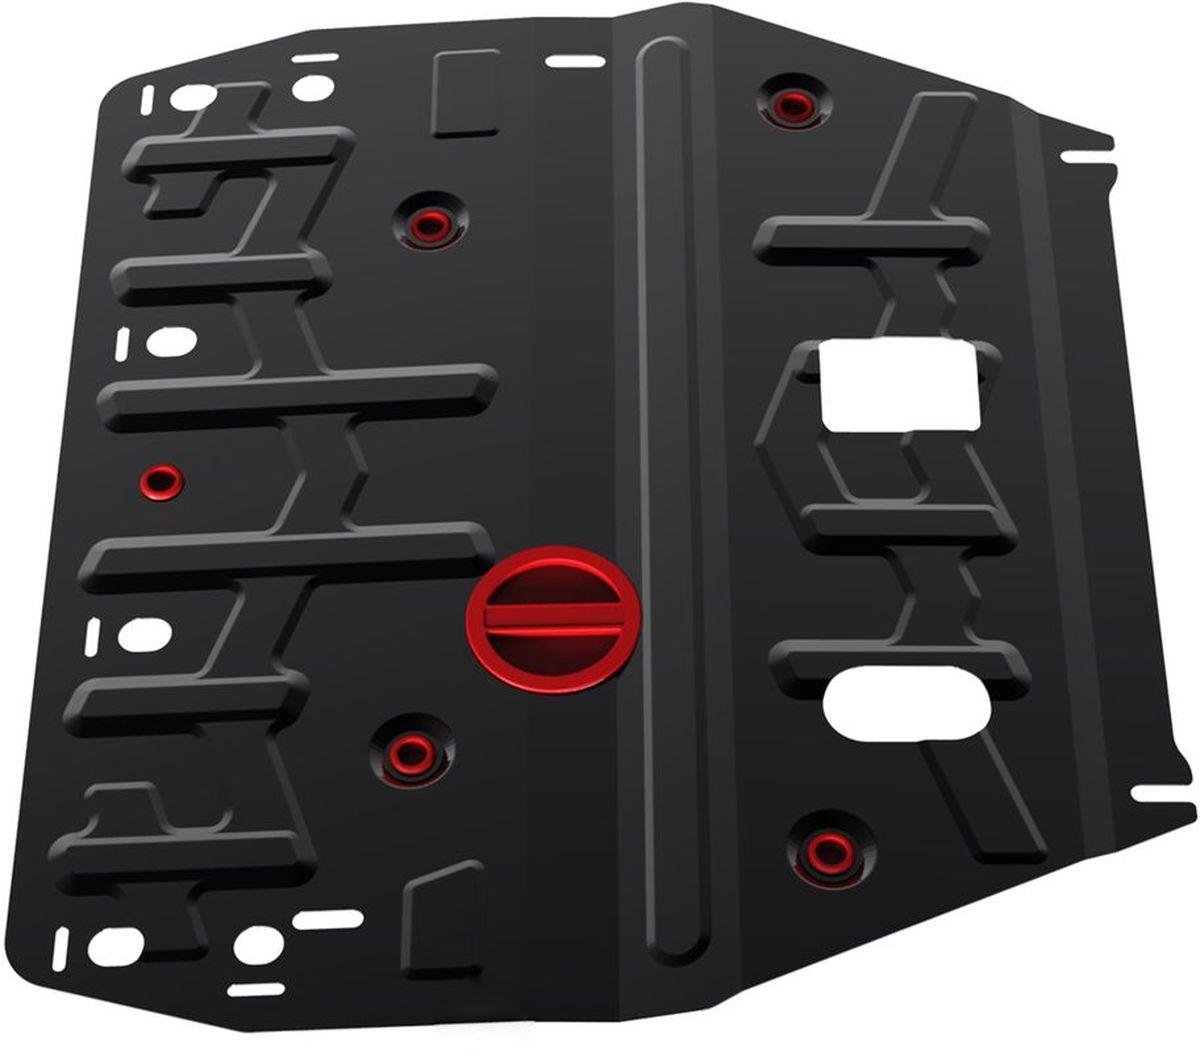 Защита картера и КПП Автоброня Hyundai i40 2012-2015, 2015-, сталь 2 мм111.02342.1Защита картера и КПП Автоброня Hyundai i40, V - 2,0 2012-2015, 2015-, сталь 2 мм, комплект крепежа, 111.02342.1Стальные защиты Автоброня надежно защищают ваш автомобиль от повреждений при наезде на бордюры, выступающие канализационные люки, кромки поврежденного асфальта или при ремонте дорог, не говоря уже о загородных дорогах.- Имеют оптимальное соотношение цена-качество.- Спроектированы с учетом особенностей автомобиля, что делает установку удобной.- Защита устанавливается в штатные места кузова автомобиля.- Является надежной защитой для важных элементов на протяжении долгих лет.- Глубокий штамп дополнительно усиливает конструкцию защиты.- Подштамповка в местах крепления защищает крепеж от срезания.- Технологические отверстия там, где они необходимы для смены масла и слива воды, оборудованные заглушками, закрепленными на защите.Толщина стали 2 мм.В комплекте крепеж и инструкция по установке.